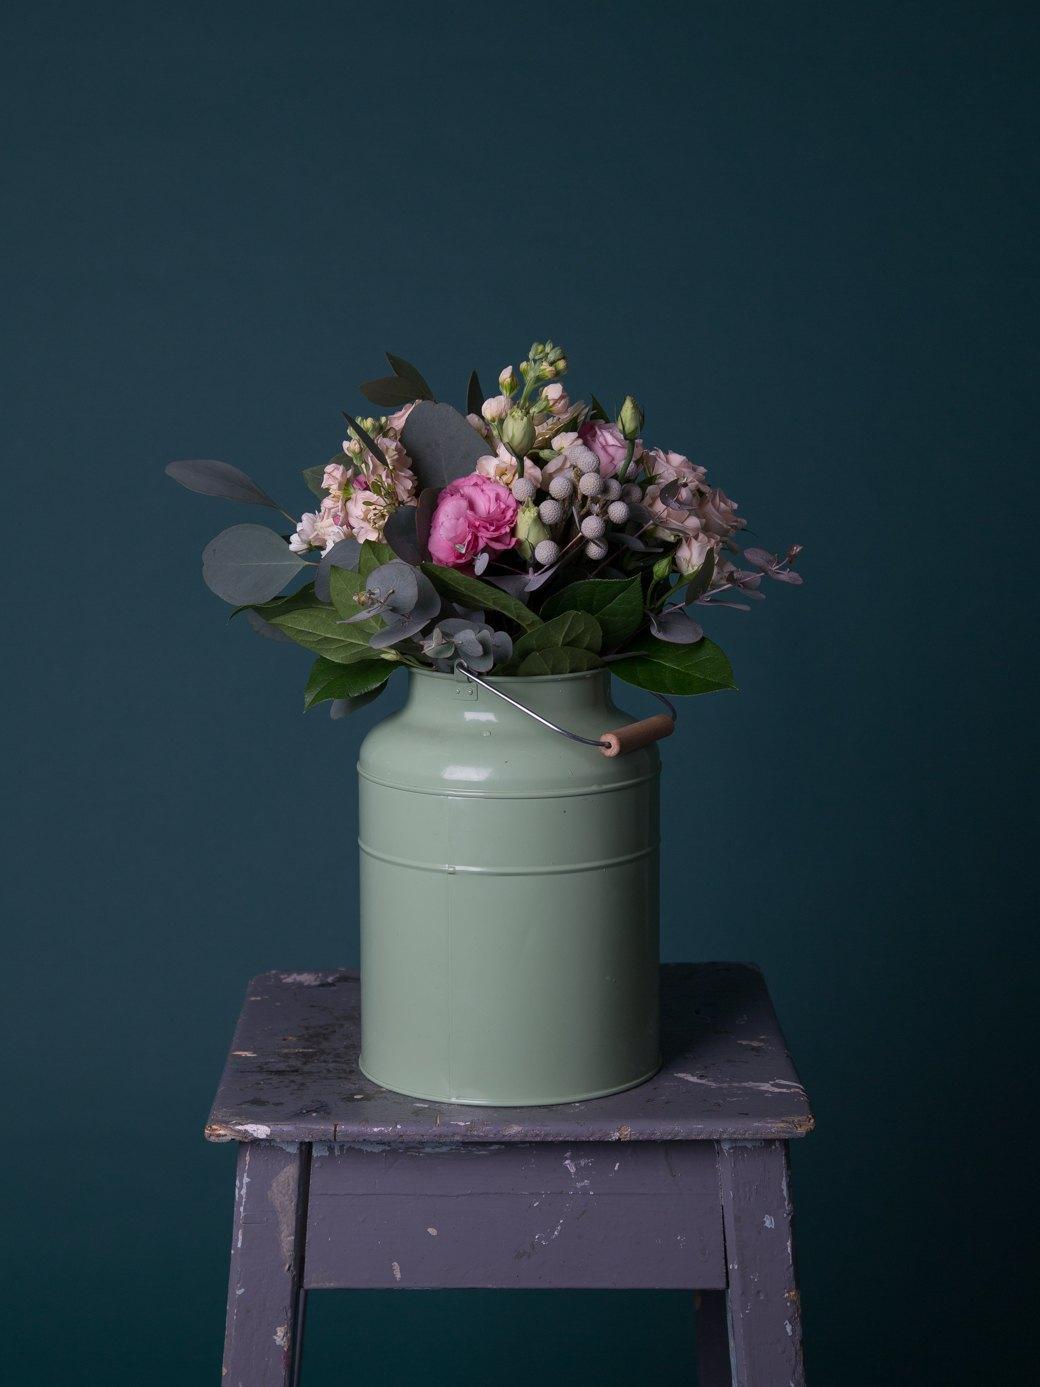 Сколько стоит букет цветов?. Изображение № 45.